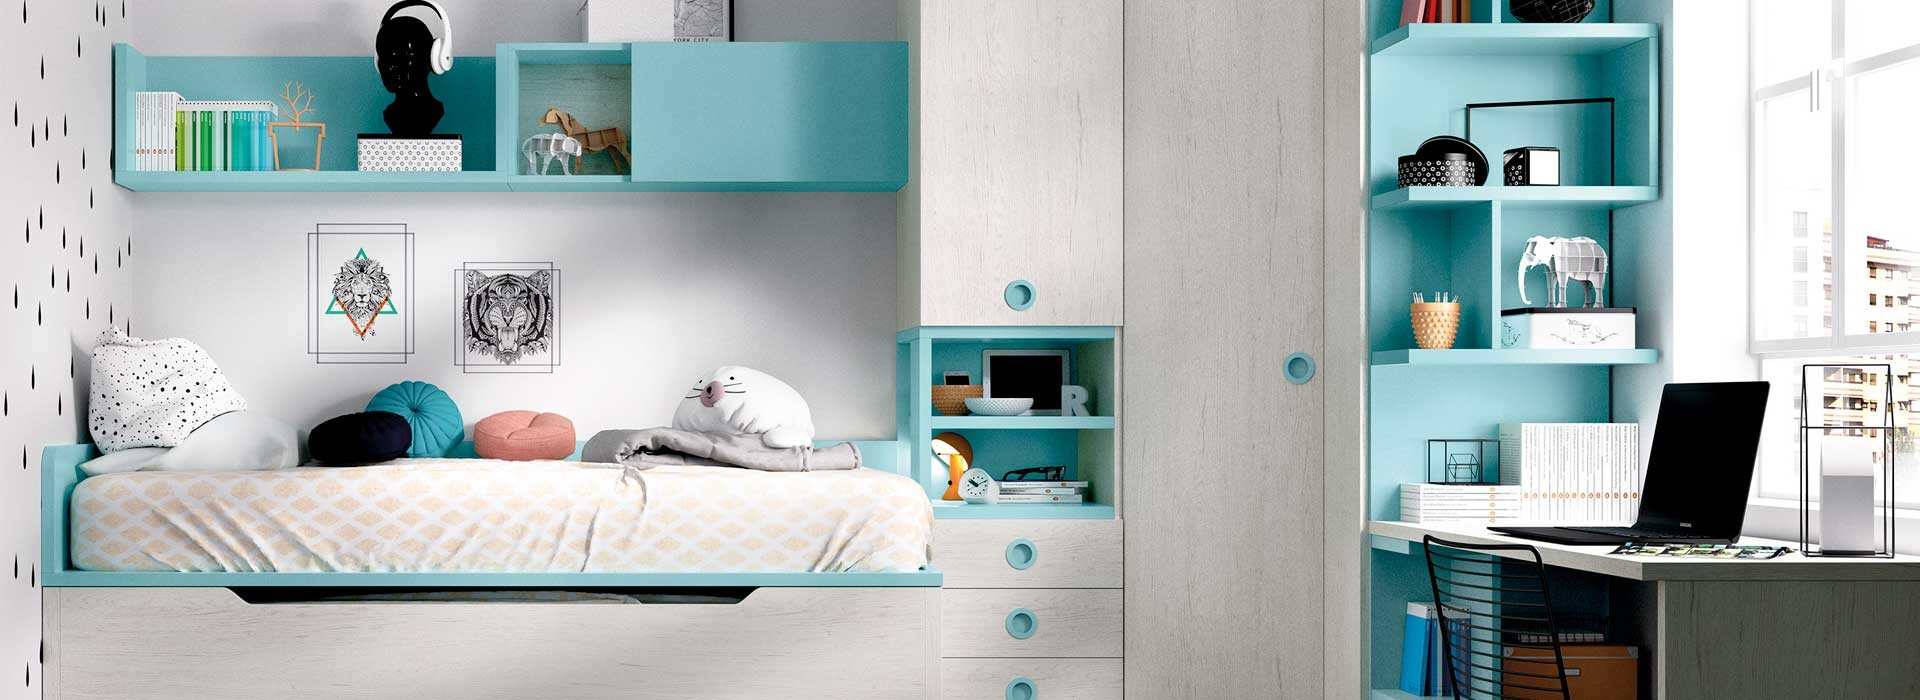 Dormitorios infantiles de gran calidad